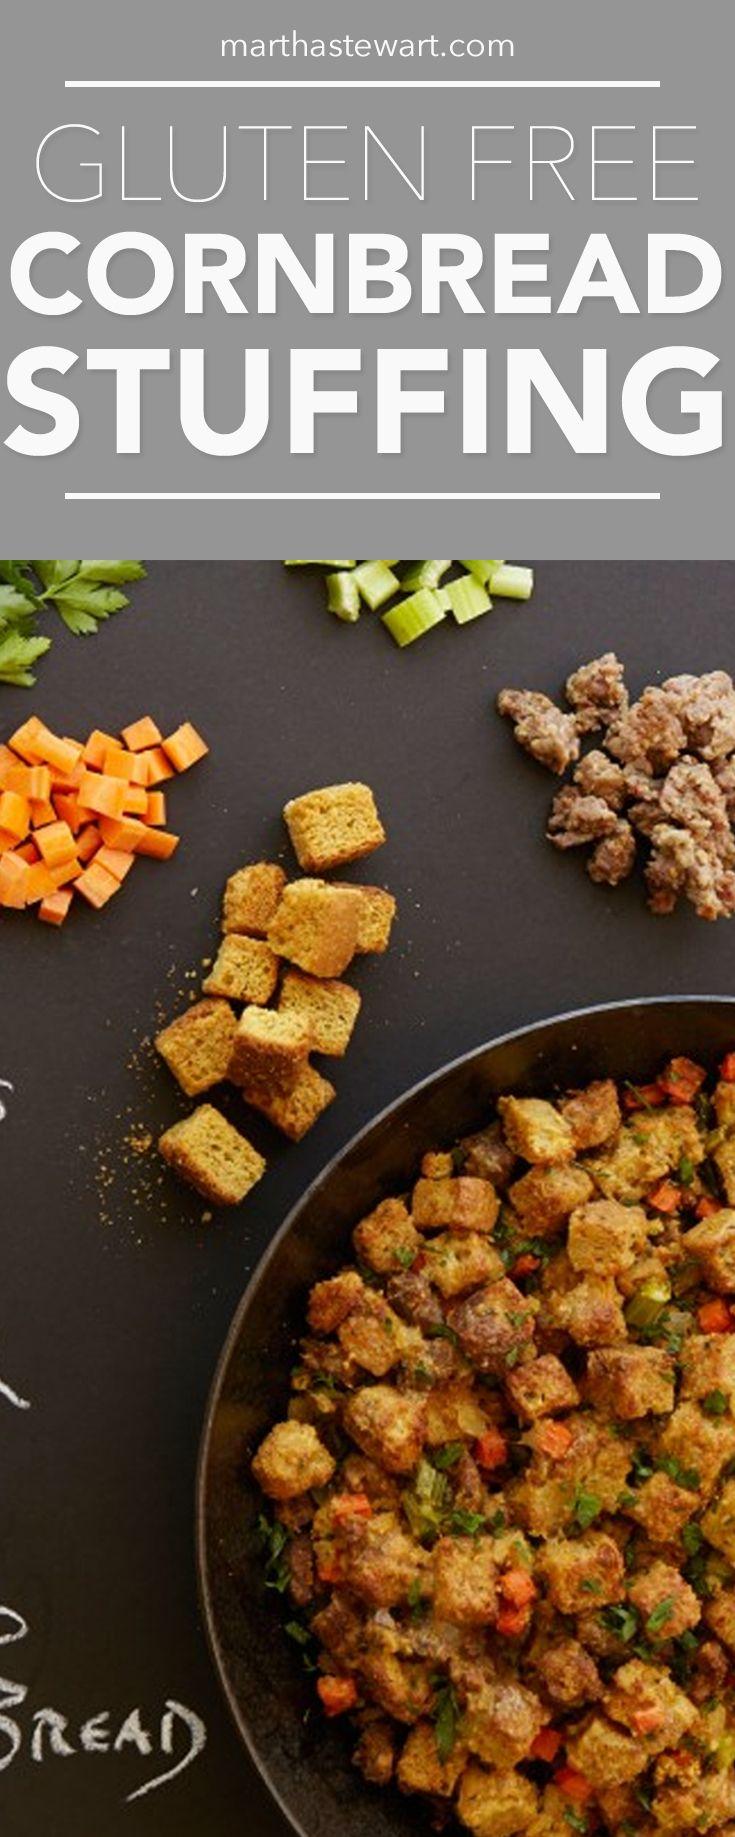 Gluten-Free Cornbread Stuffing   Martha Stewart Living